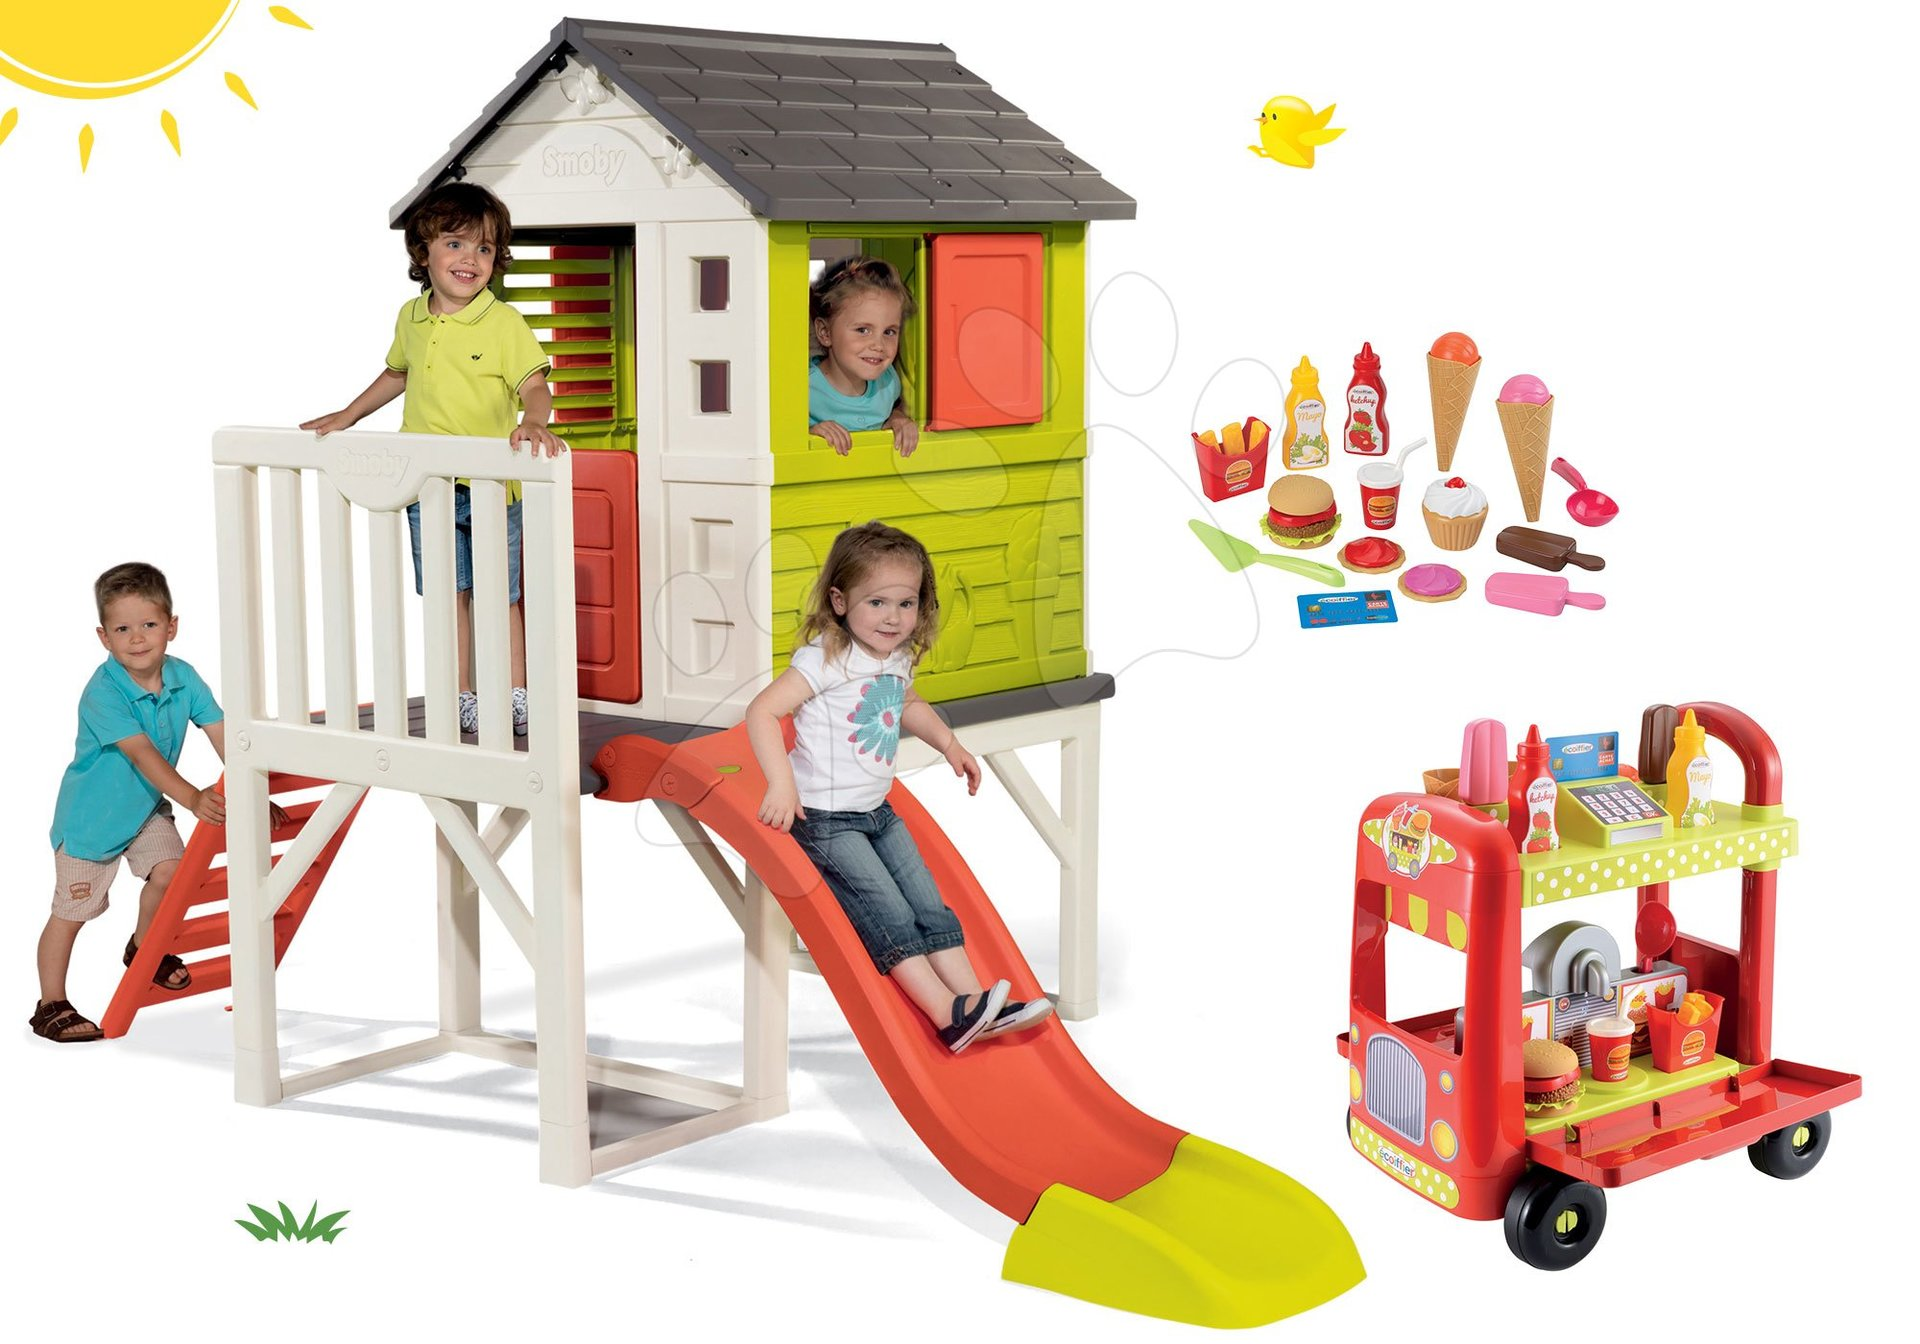 Smoby set dětský domeček na pilířích Pilings House s 1,5 m skluzavkou a zmrzlinářský vozík s hamburgery 810800-15